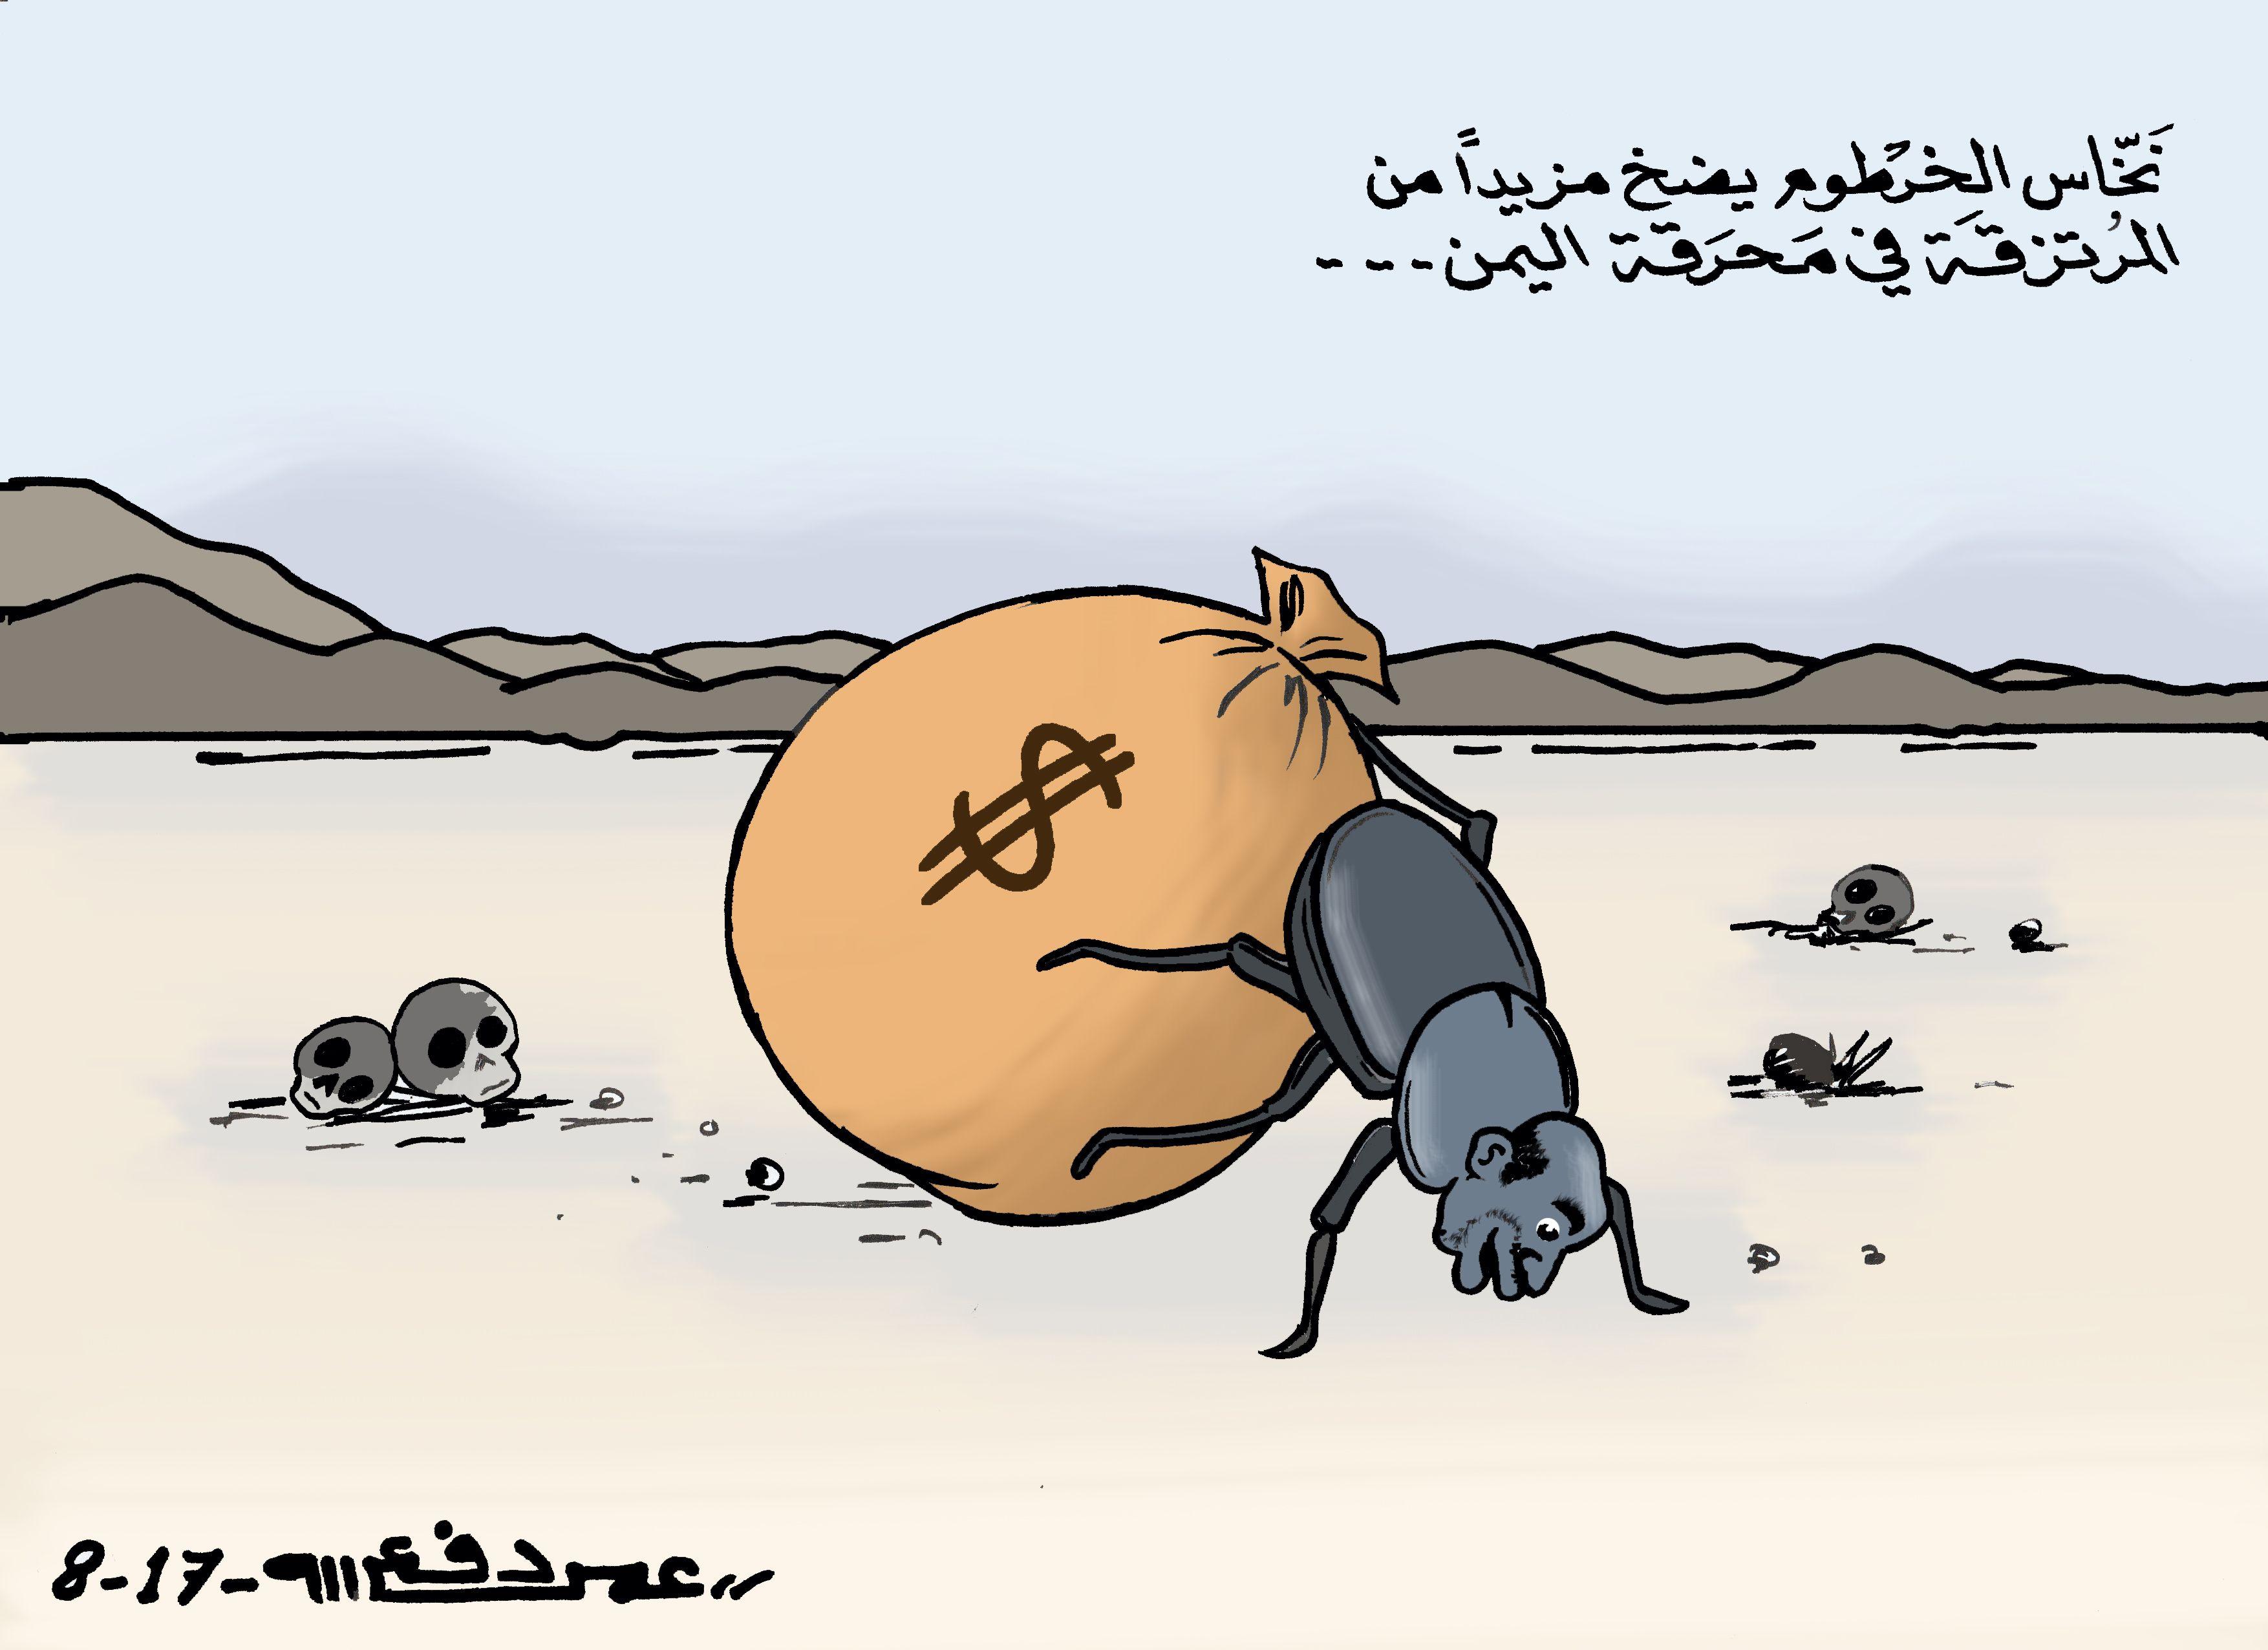 كاركاتير اليوم الموافق 03 اغسطس 2017 للفنان عمر دفع الله عن ارسال السودان مزيدا من الجنود الى اليمن